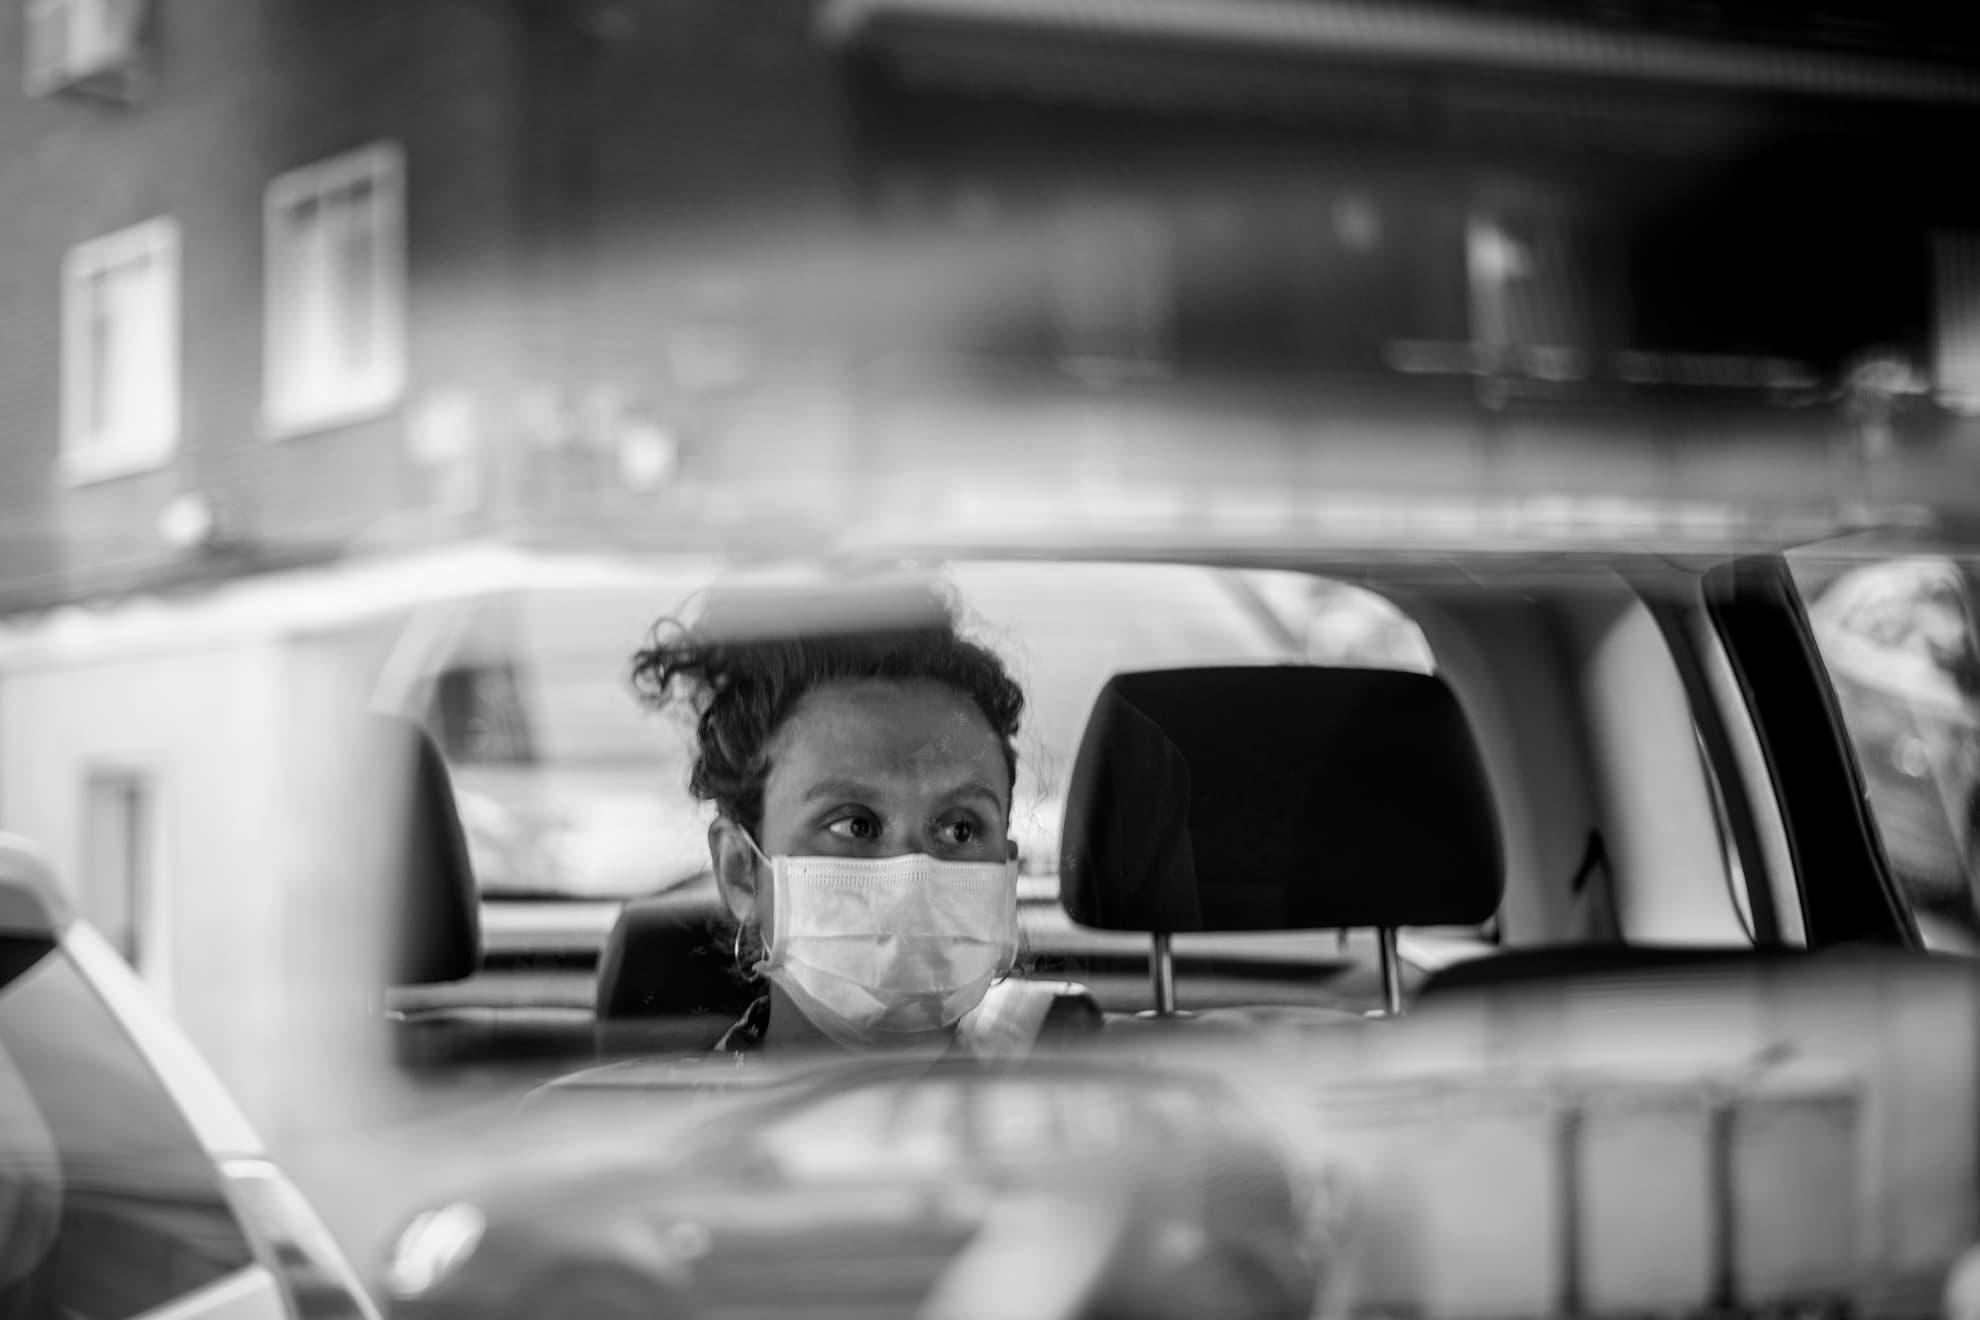 """El trayecto de casa al hospital se ha convertido en una experiencia casi mística. Un viaje en coche que cruza algunas calles del corazón de Madrid, ahora desiertas. Sin embargo, he de decir que, en esta ocasión, respecto a la última hace dos semanas, he notado algo diferente. Desde la ventanilla el paisaje era menos fantasmagórico y el ruido parecía cobrar más protagonismo que el silencio. Espero -y deseo- que la prudencia y la responsabilidad ciudadana nos acompañe en esta nueva etapa de fuego que llaman """"desescalada""""."""